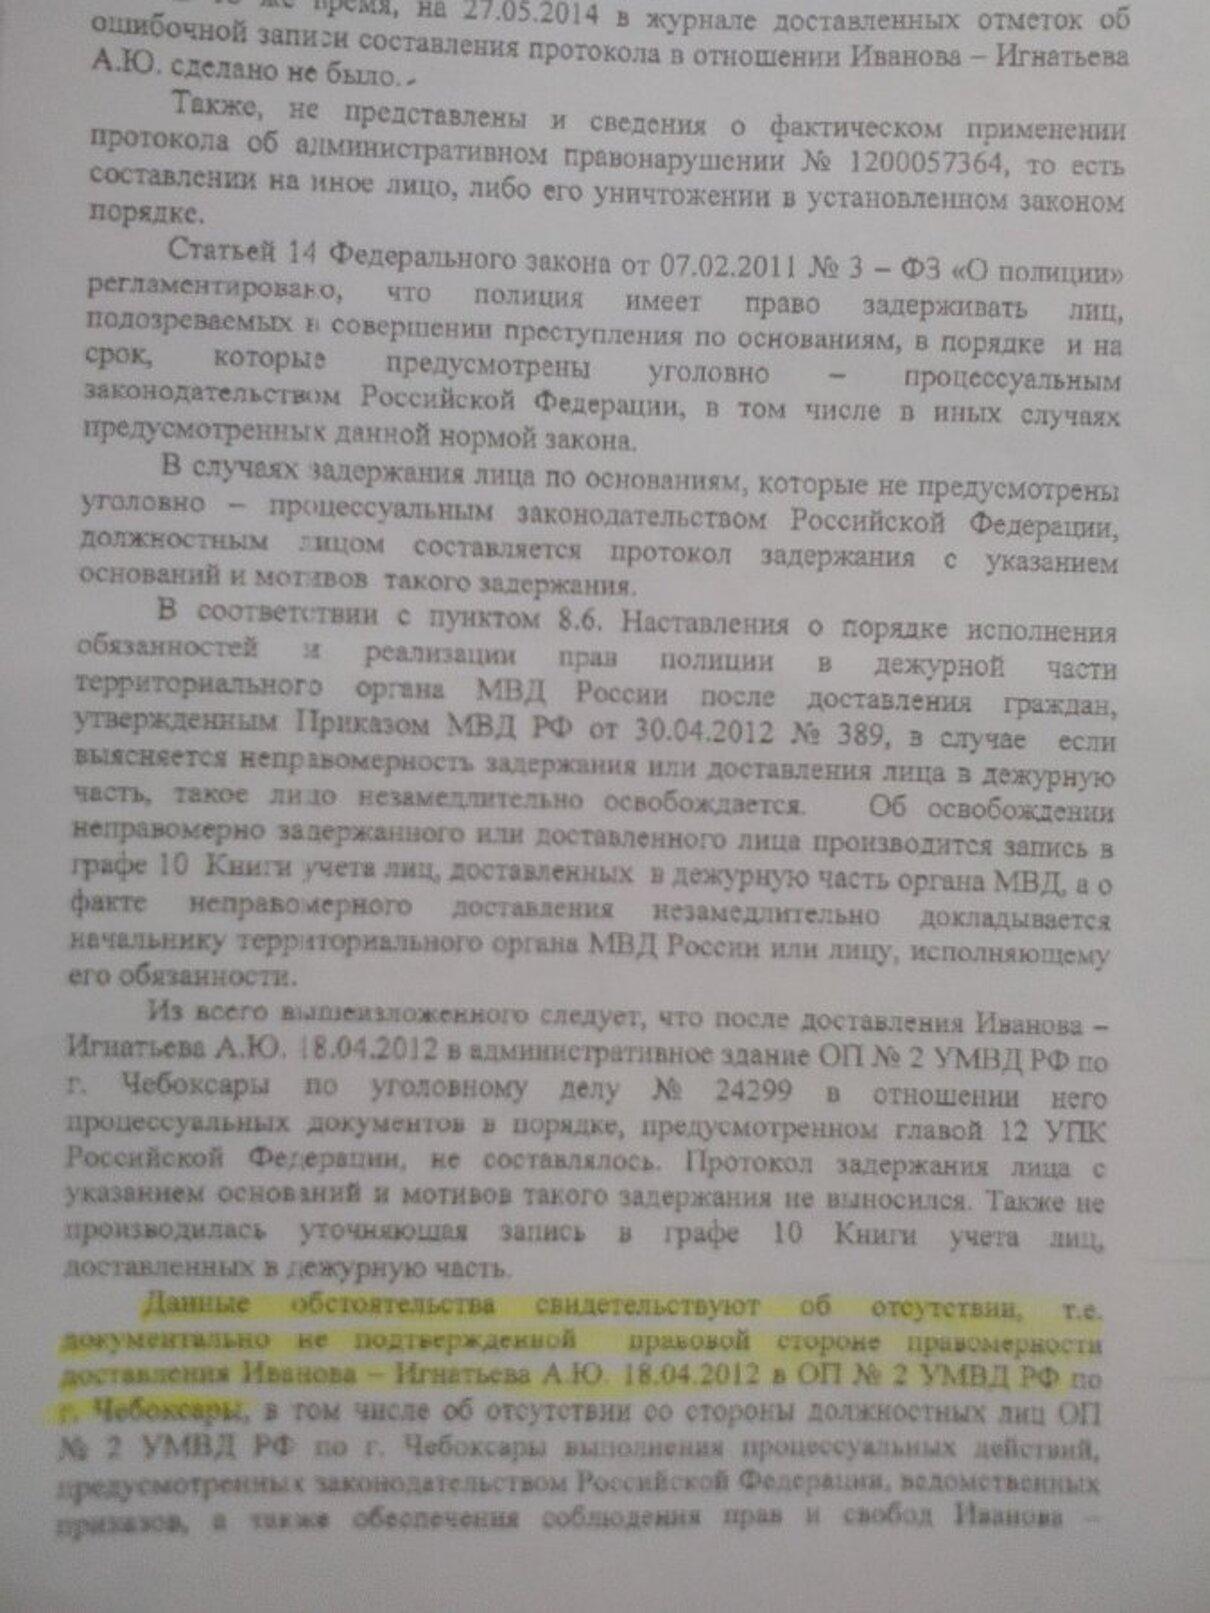 Жалоба-отзыв: Якимаха Наталья Михайловна - Якимаха Наталья Михайловна.  Фото №5